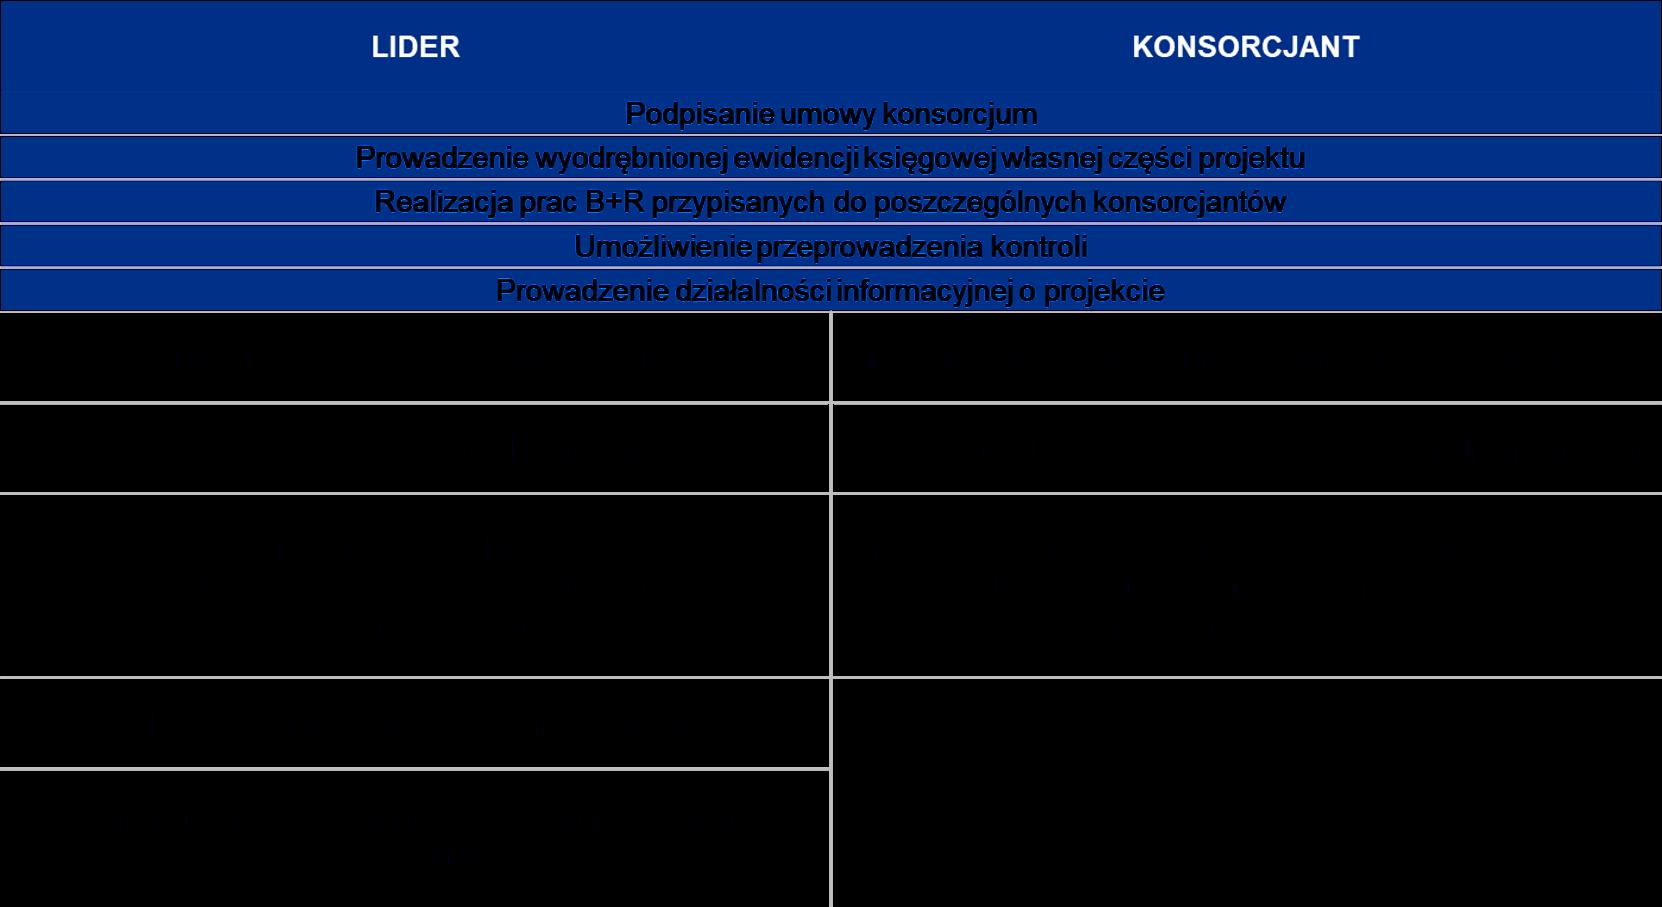 CRIDO - podział obowiązków w konsorcjum